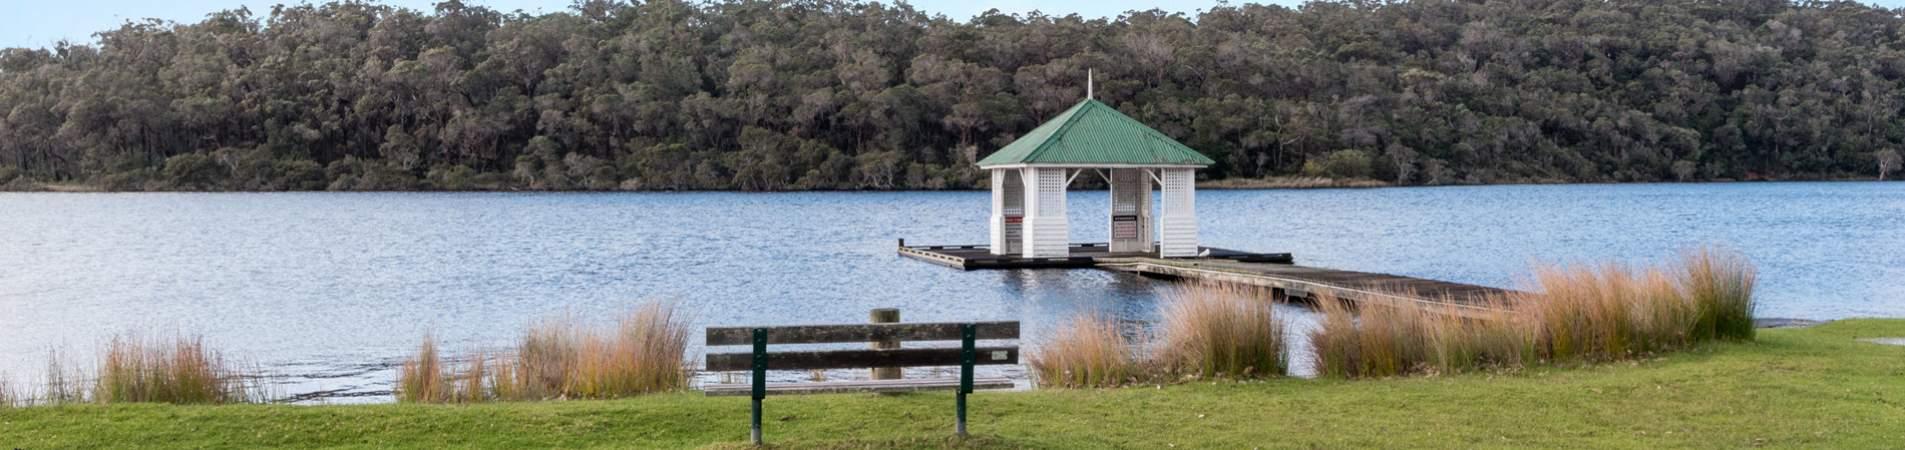 walpole rest point caravan park facilities - banner 2